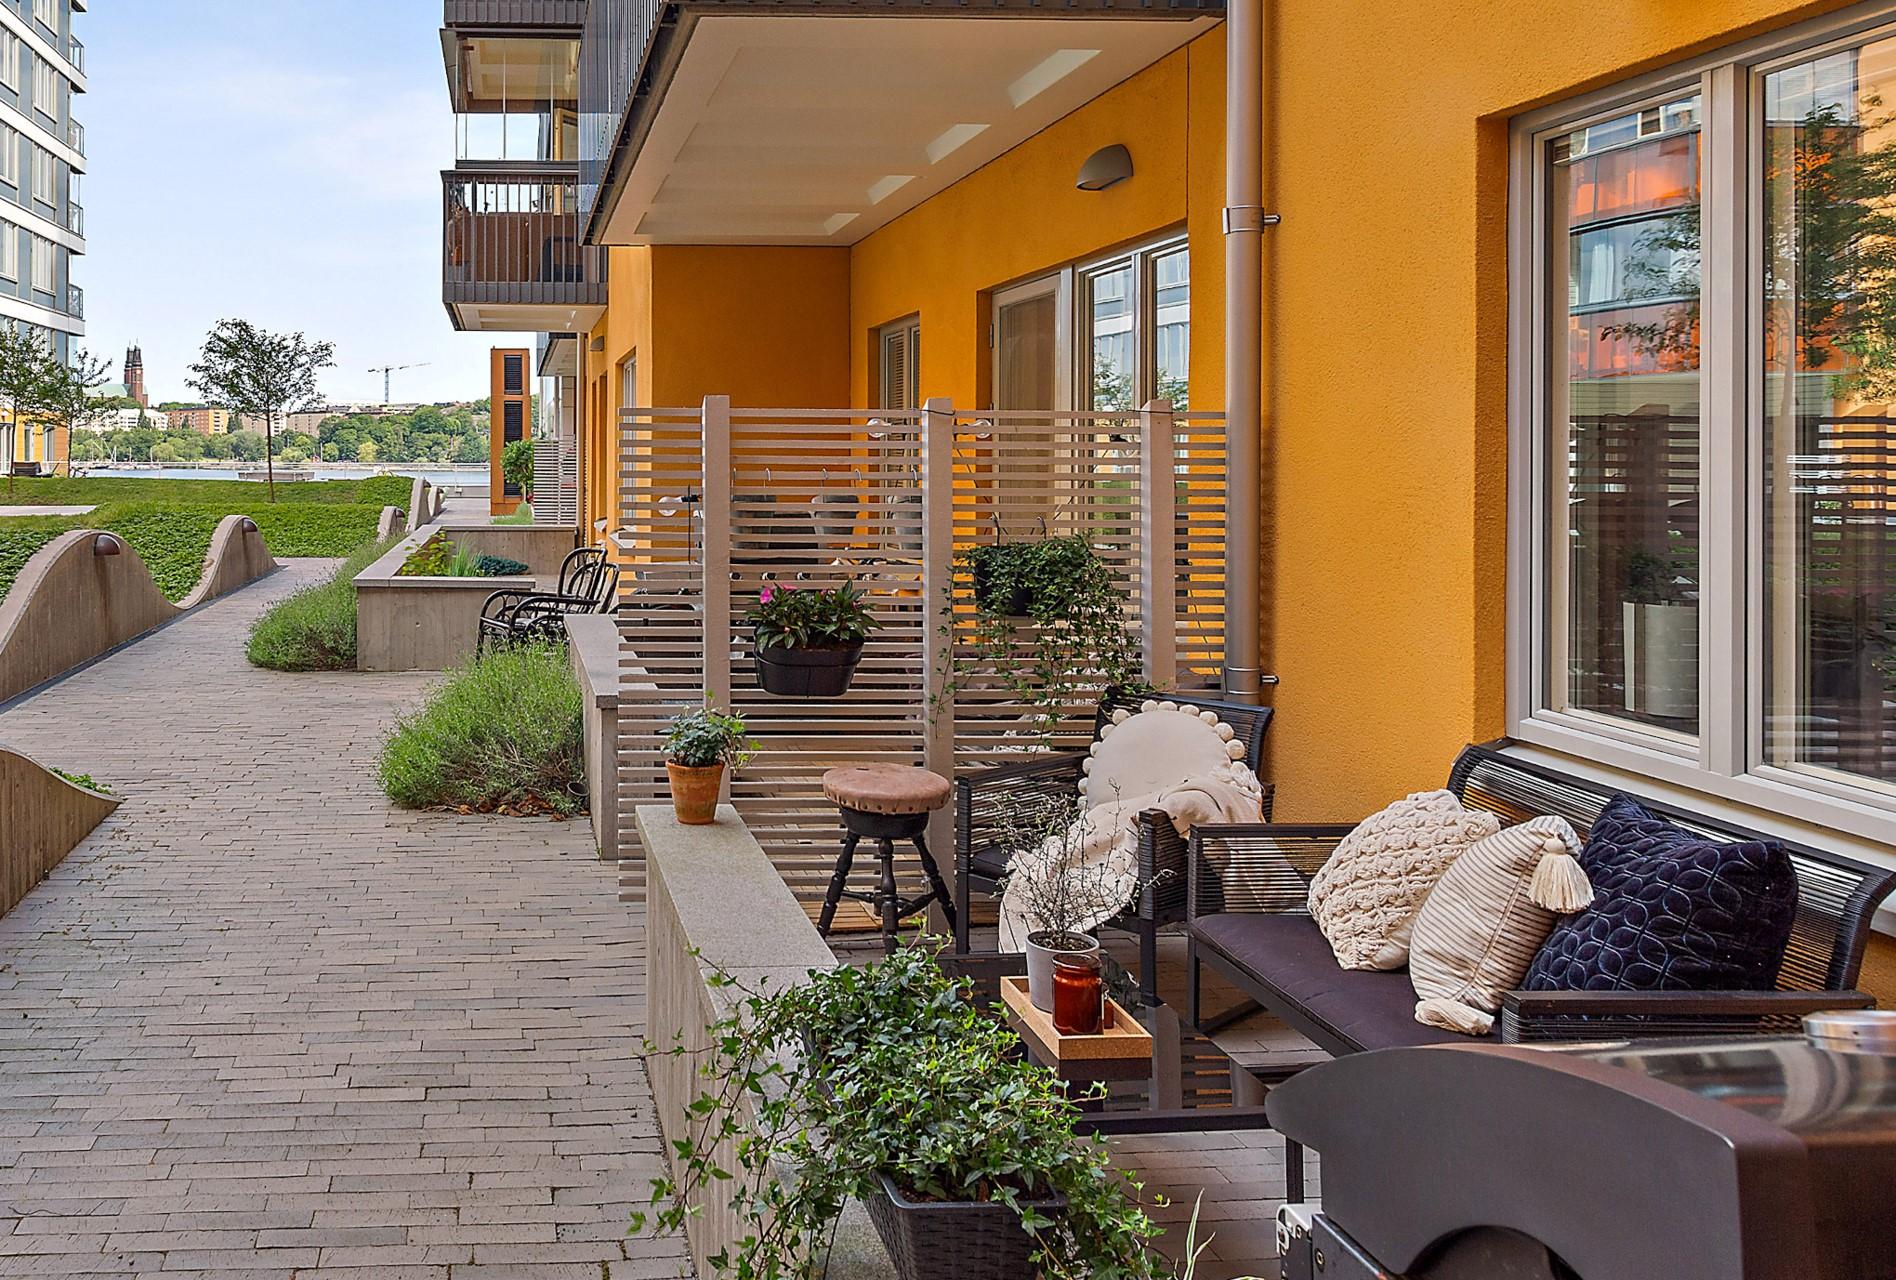 Ekfatsgatan 6 - Lugnt belägen uteplats med fin sjöutsikt.